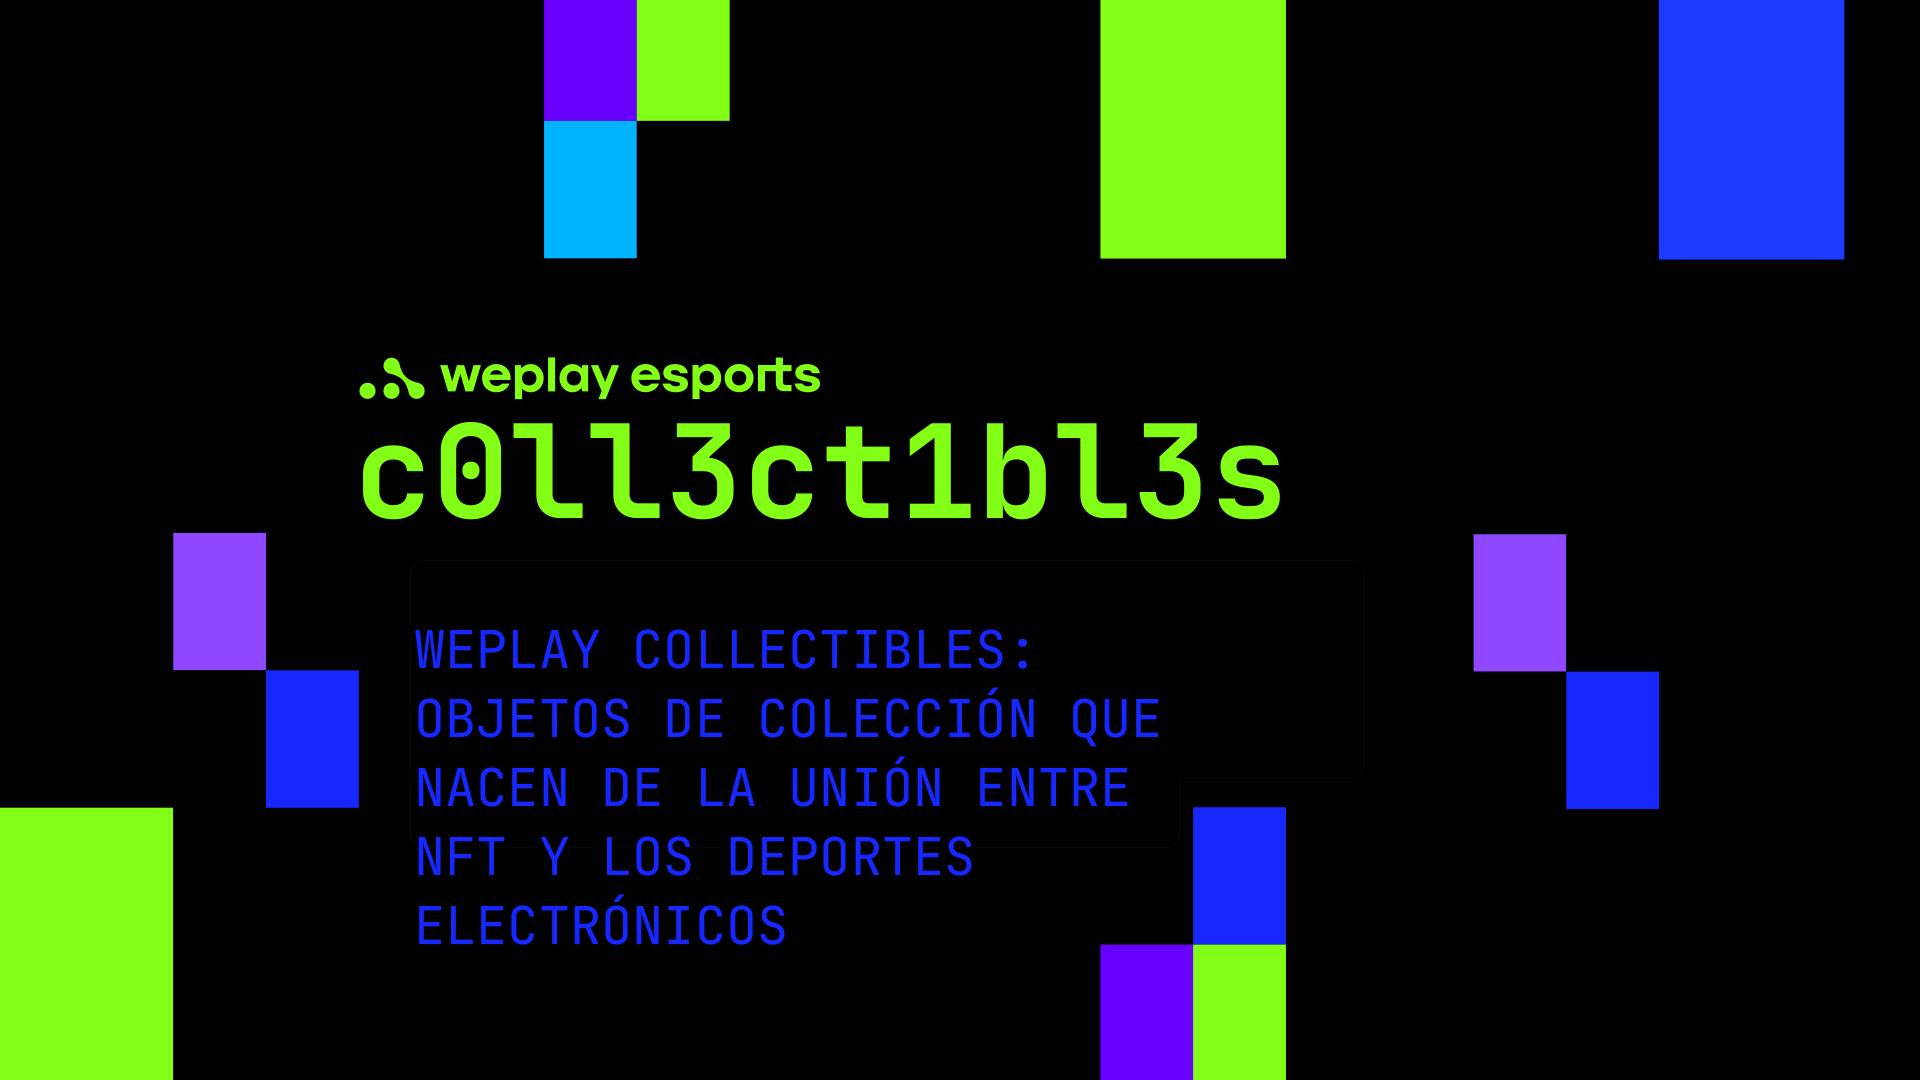 WePlay Collectibles: objetos de colección que nacen de la unión entre NFT y los deportes electrónicos